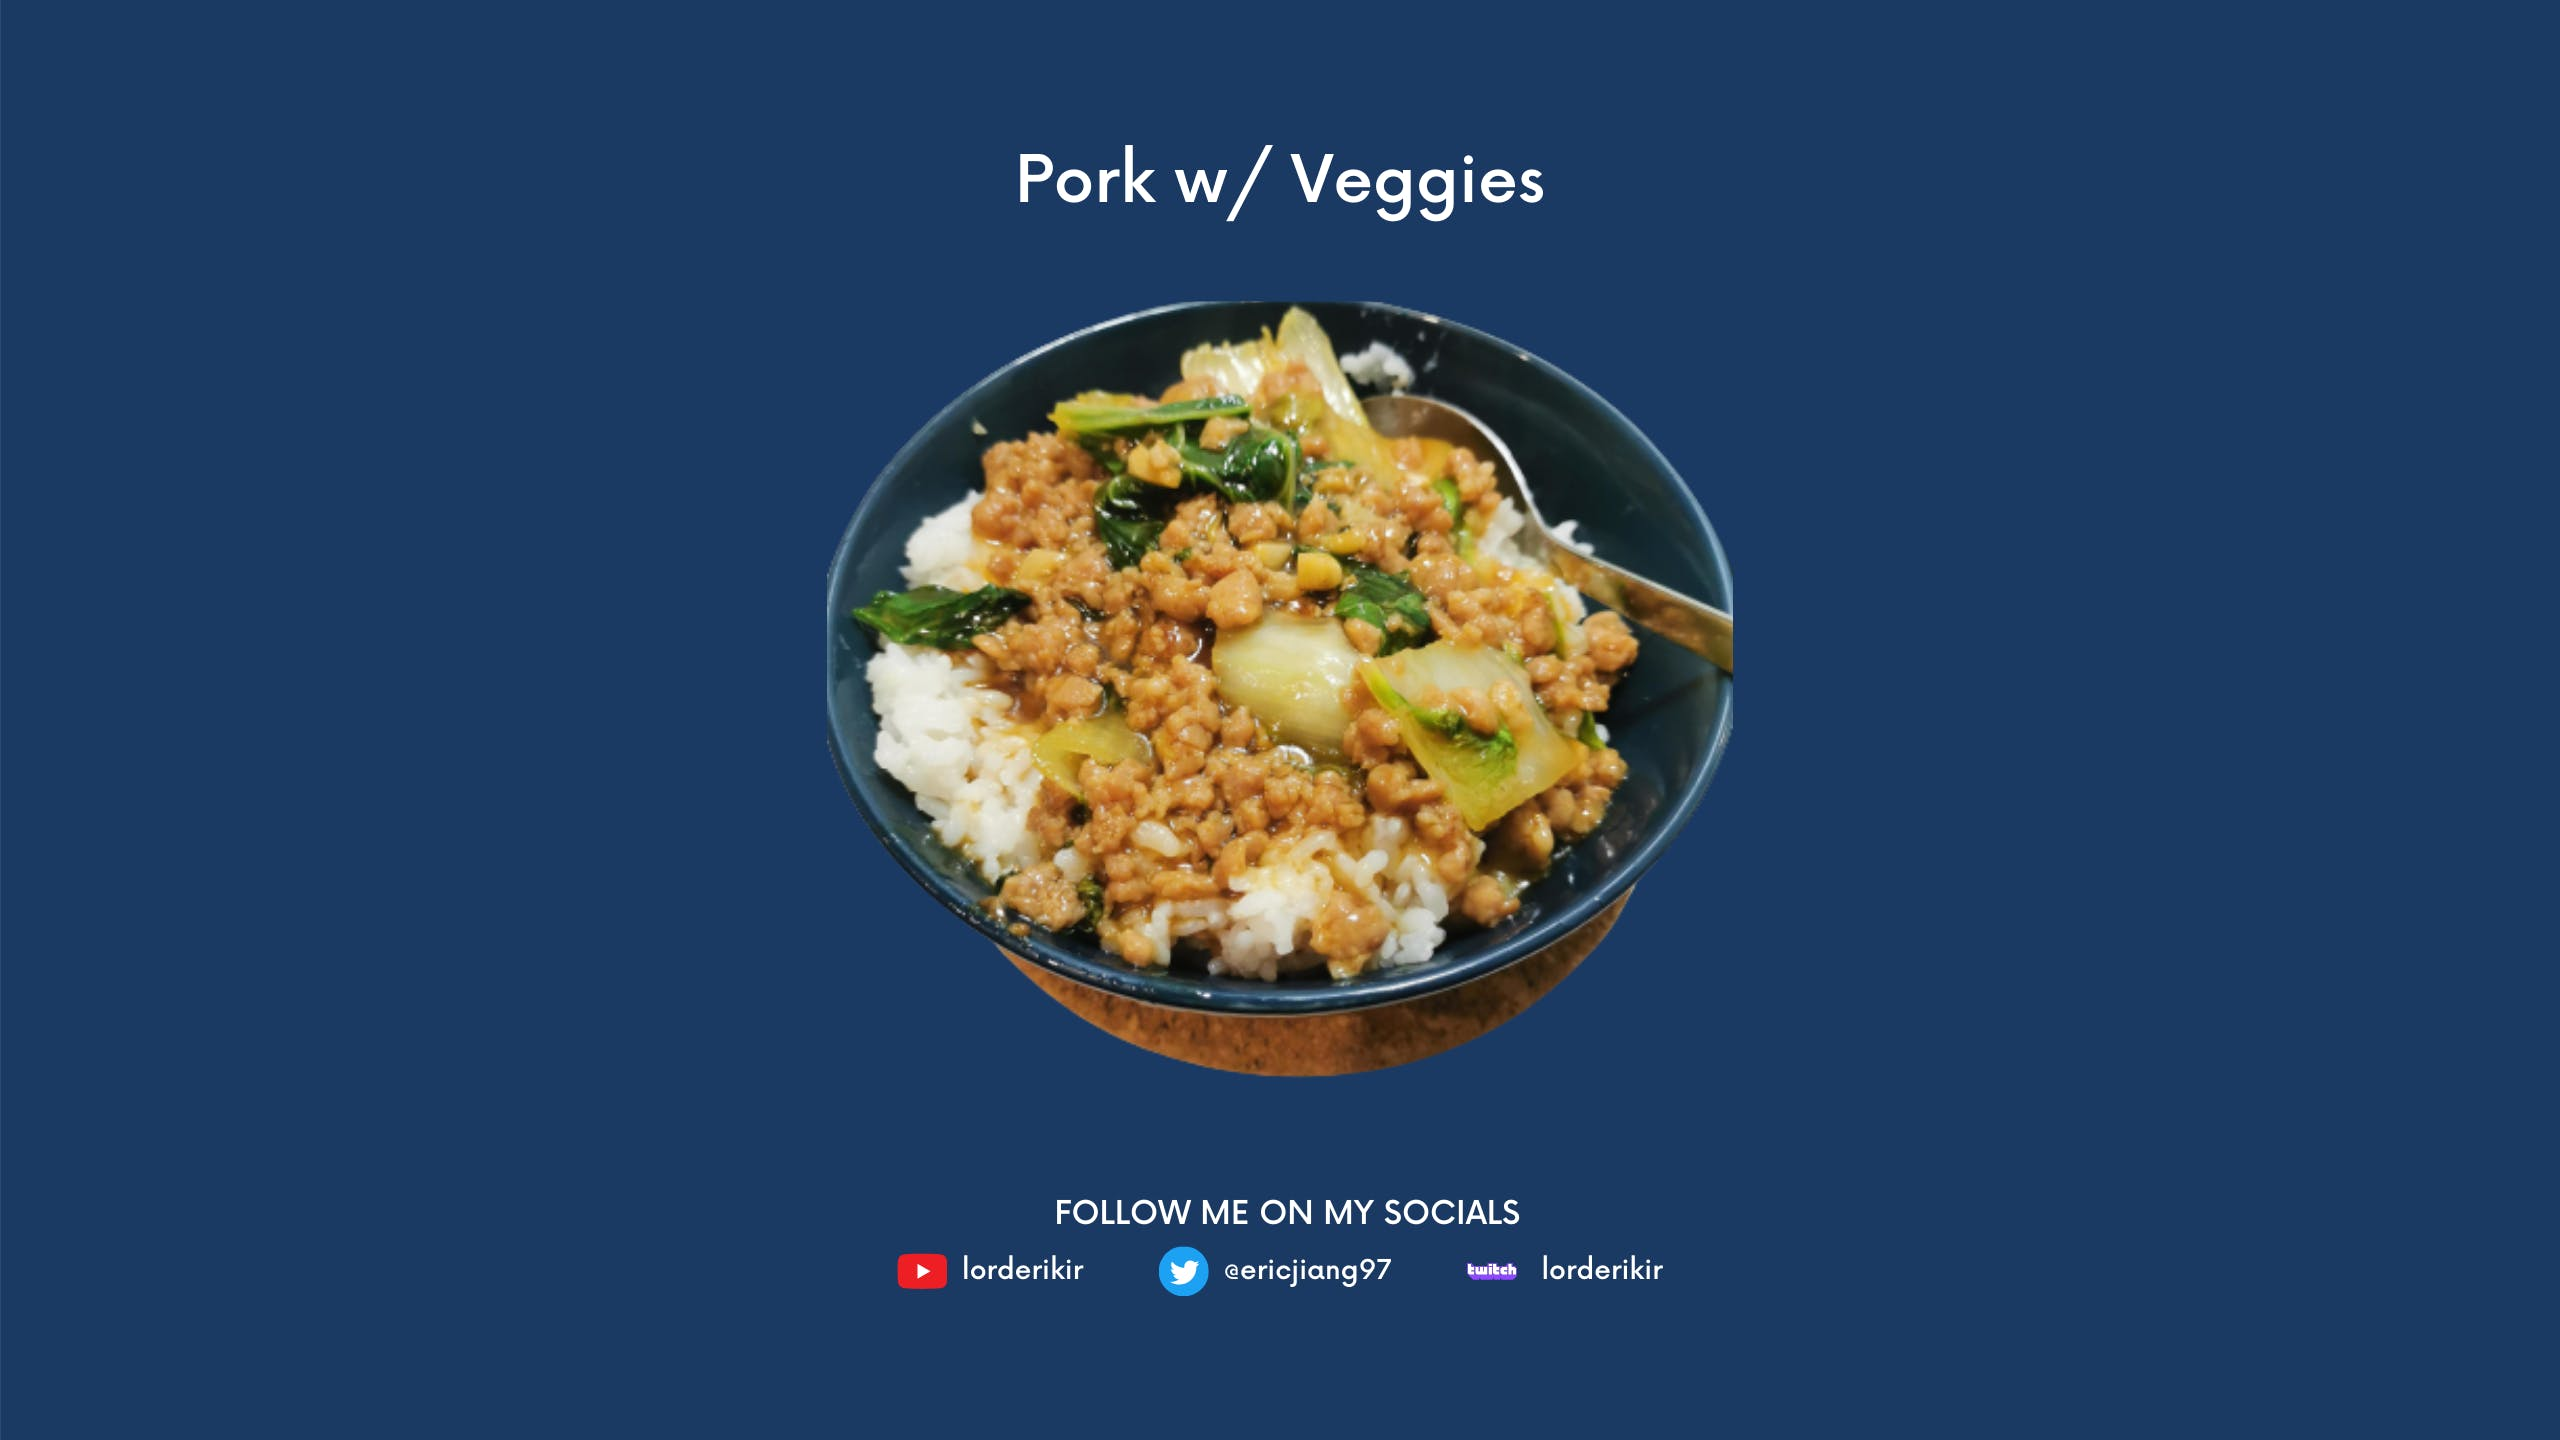 cover image for Recipe - Stir Fried Pork w/ Veggies